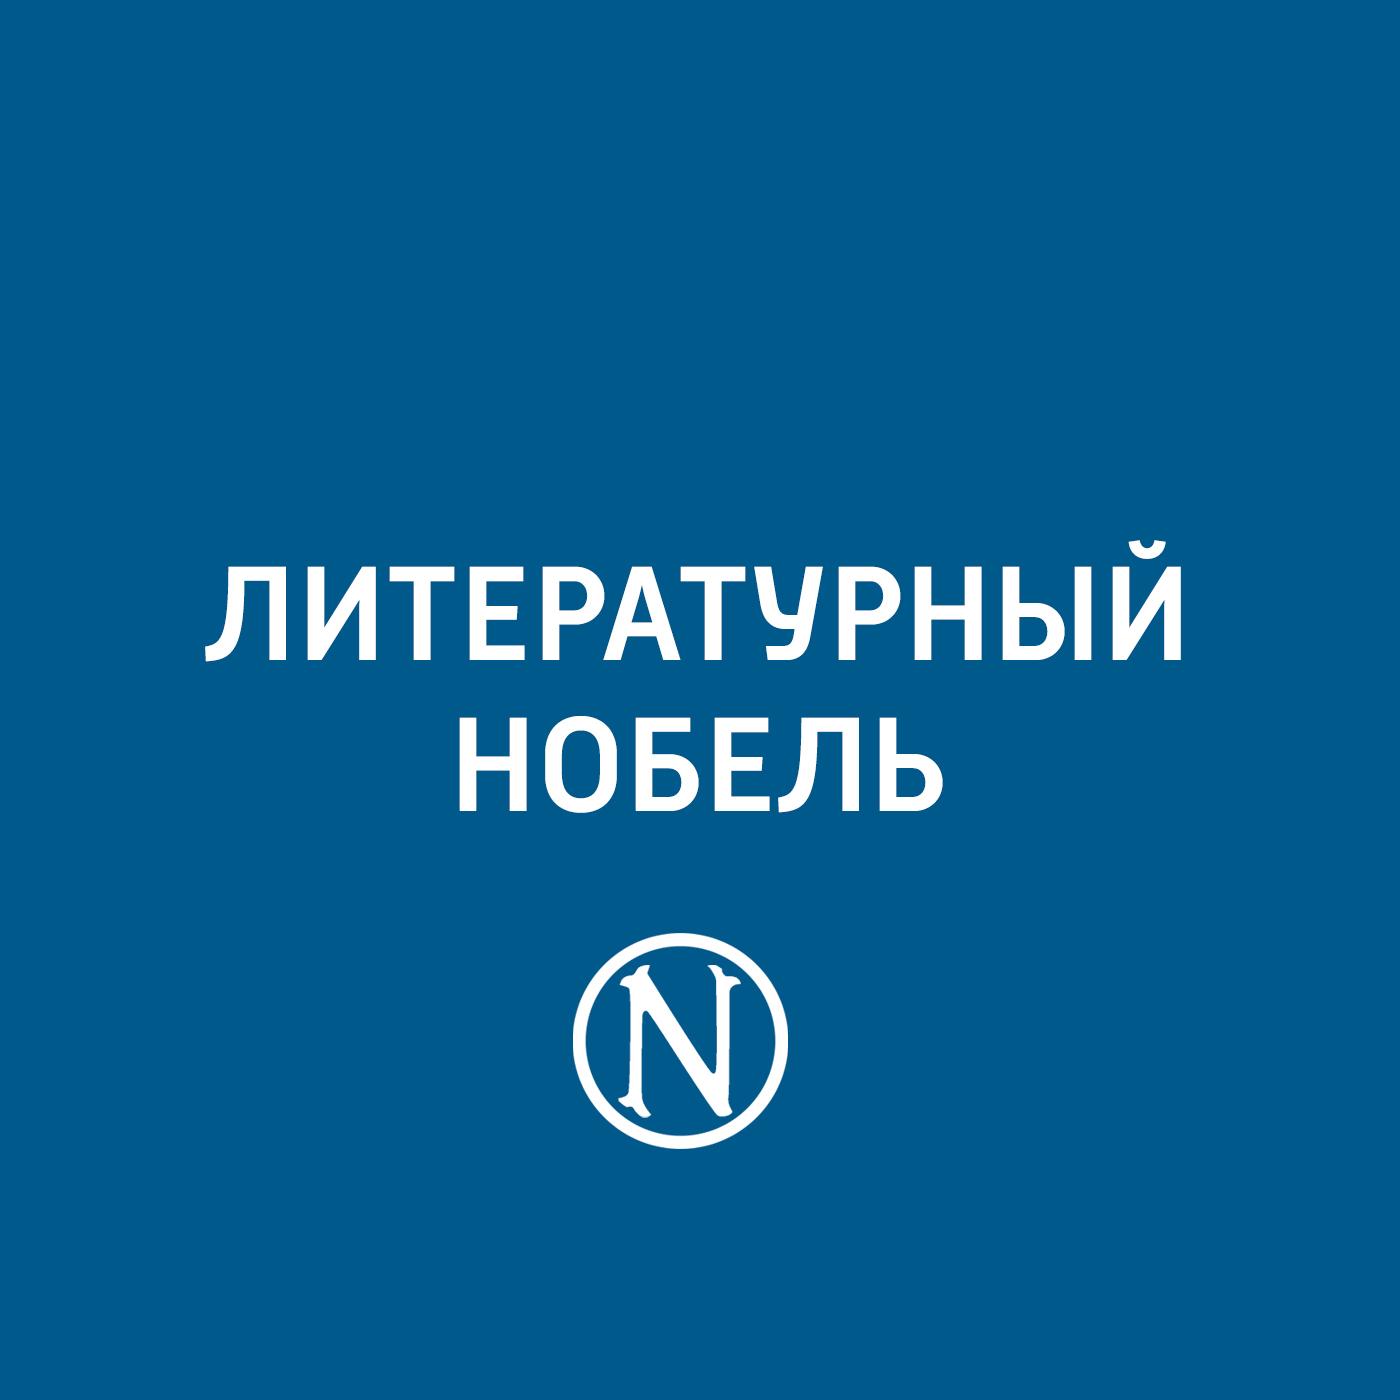 Евгений Стаховский Борис Пастернак борис пастернак борис пастернак избранное в двух томах том 2 доктор живаго